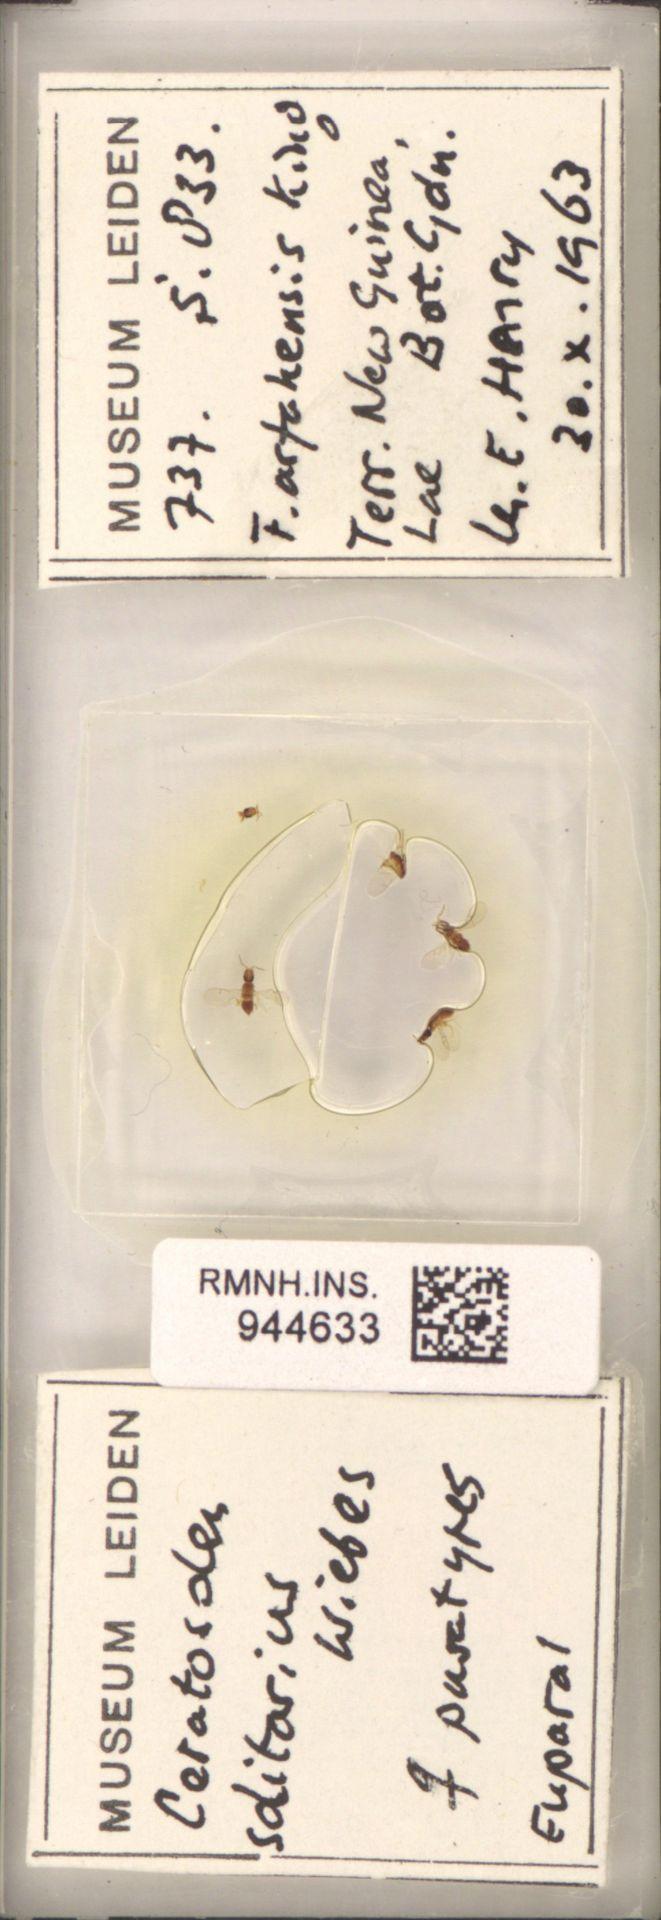 RMNH.INS.944633 | Ceratosolen solitarius Wiebes